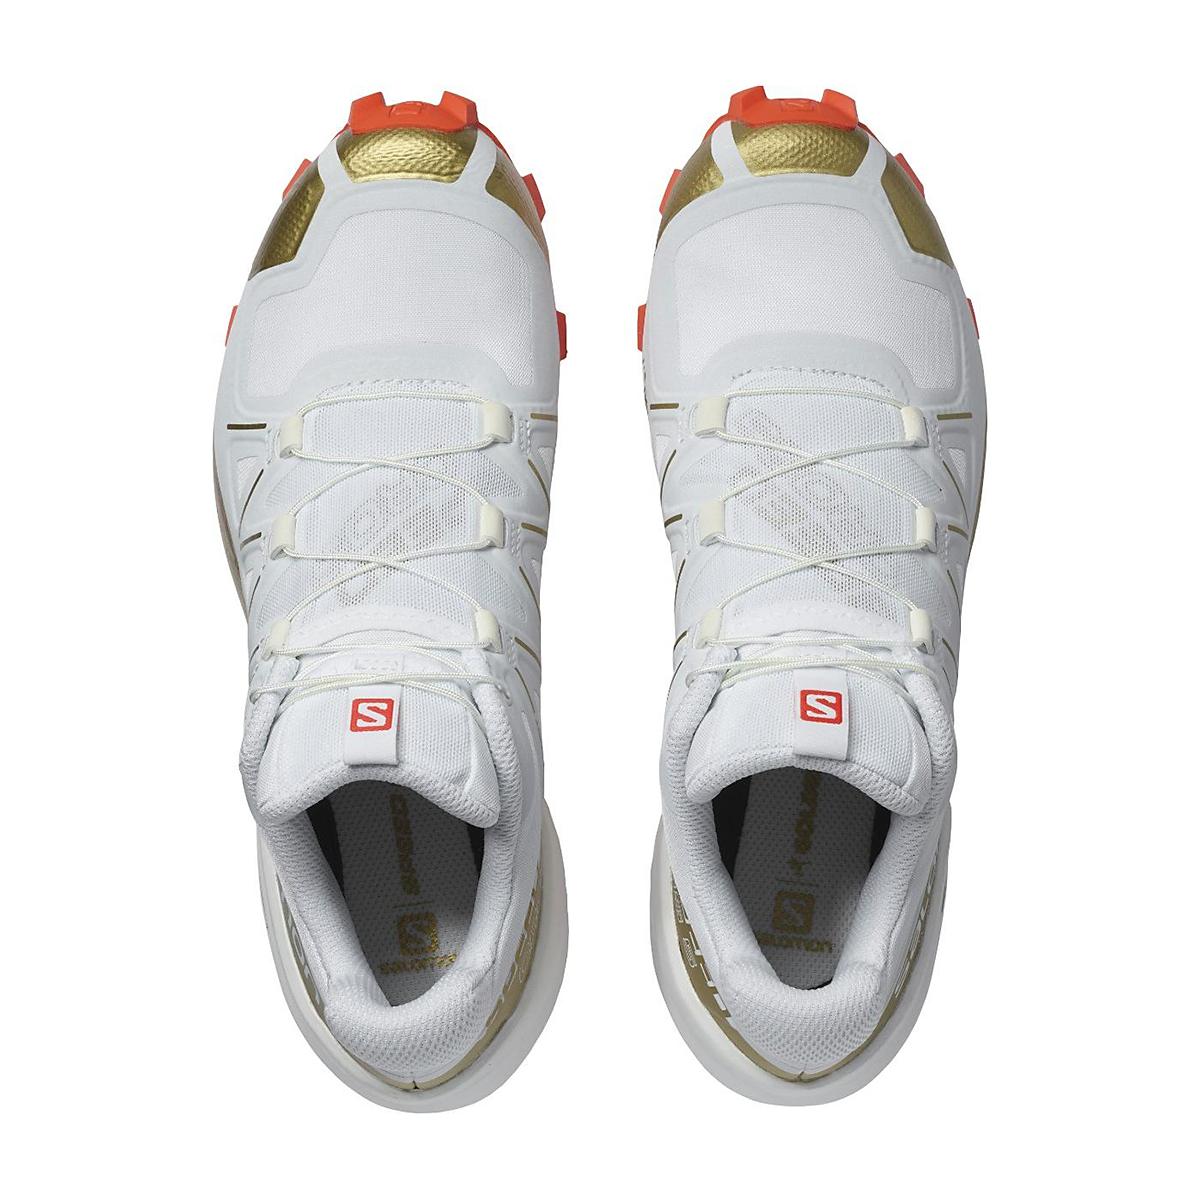 Women's Salomon Speedcross 5 Trail Running Shoe - Color: White/White - Size: 5 - Width: Regular, White/White, large, image 2